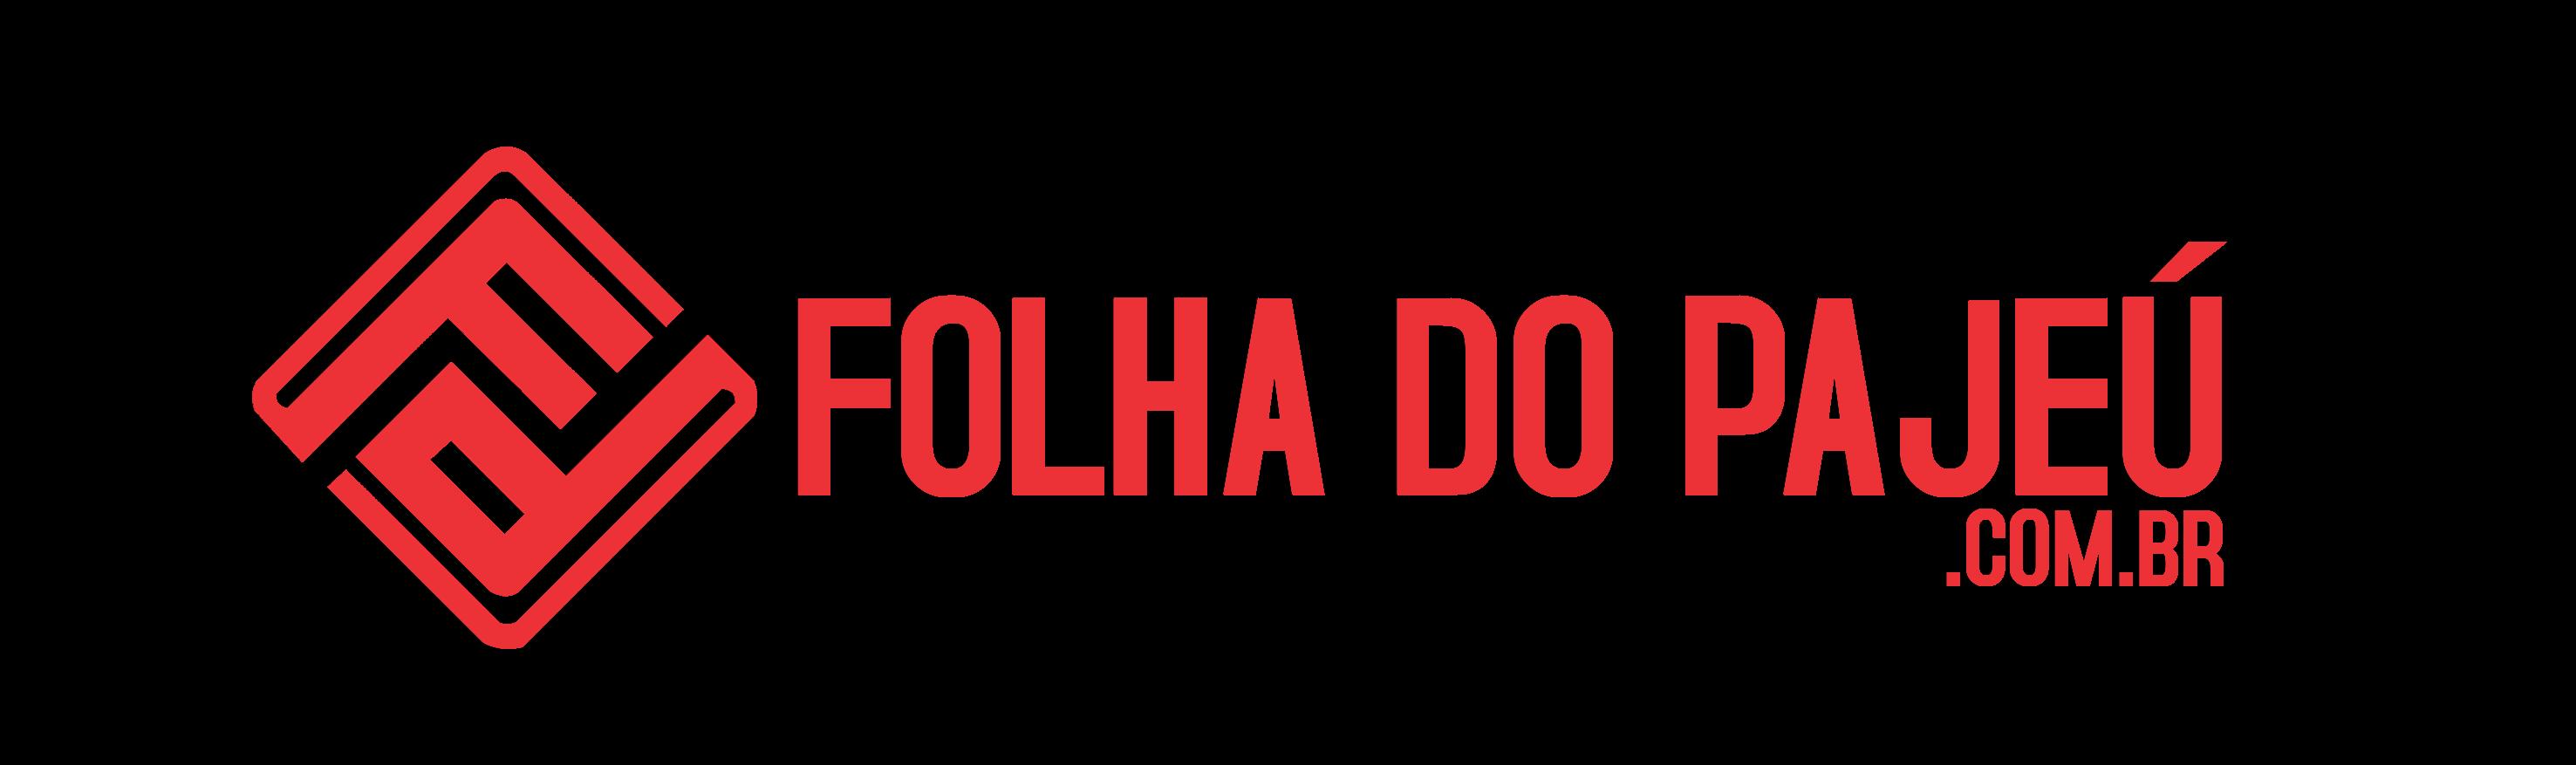 Folha do Pajeú